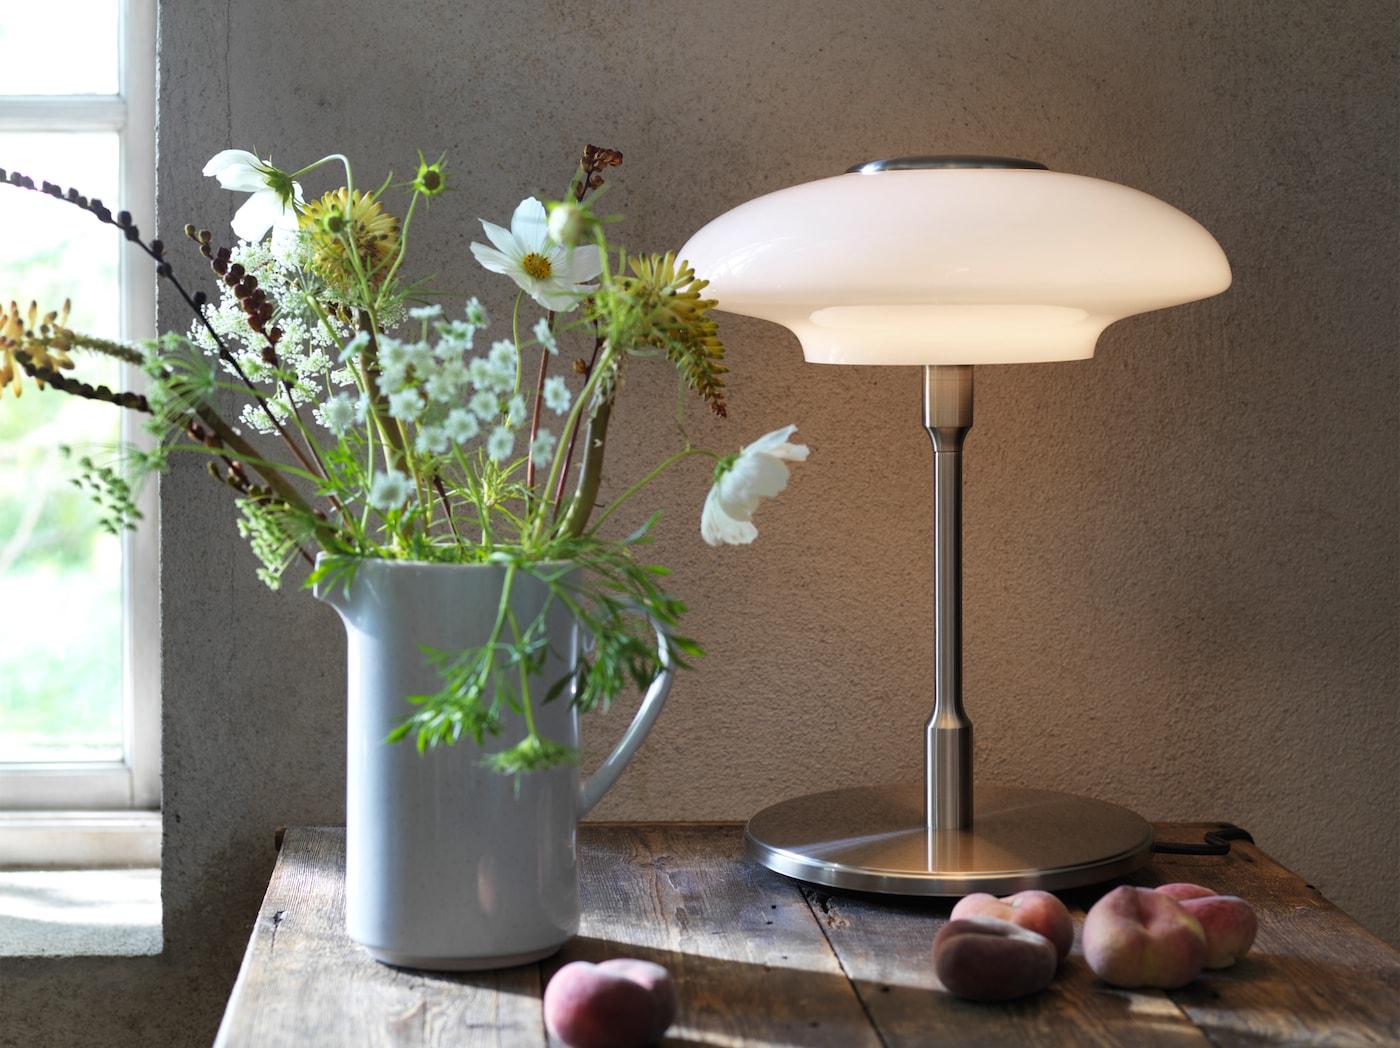 La lampe de table TÄLLBYN conçue dans un esprit Art Déco posée sur une table en bois à côté de quelques pêches et d'une cruche remplie de fleurs.